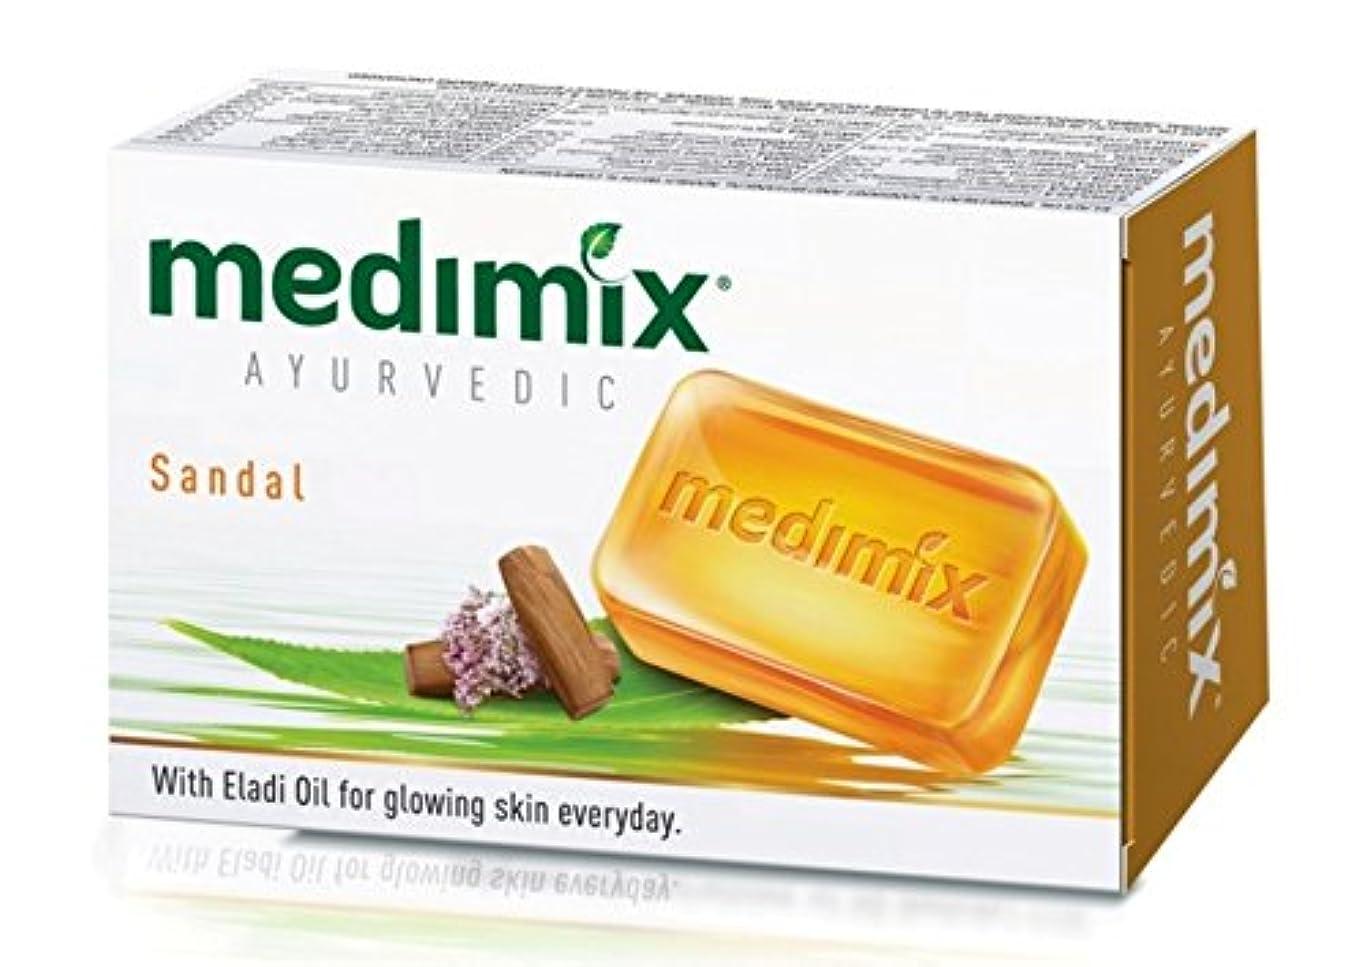 おもてなしゴネリルキウイ【medimix国内正規品】メディミックス Sandal ハーブから作られたオーガニック石鹸